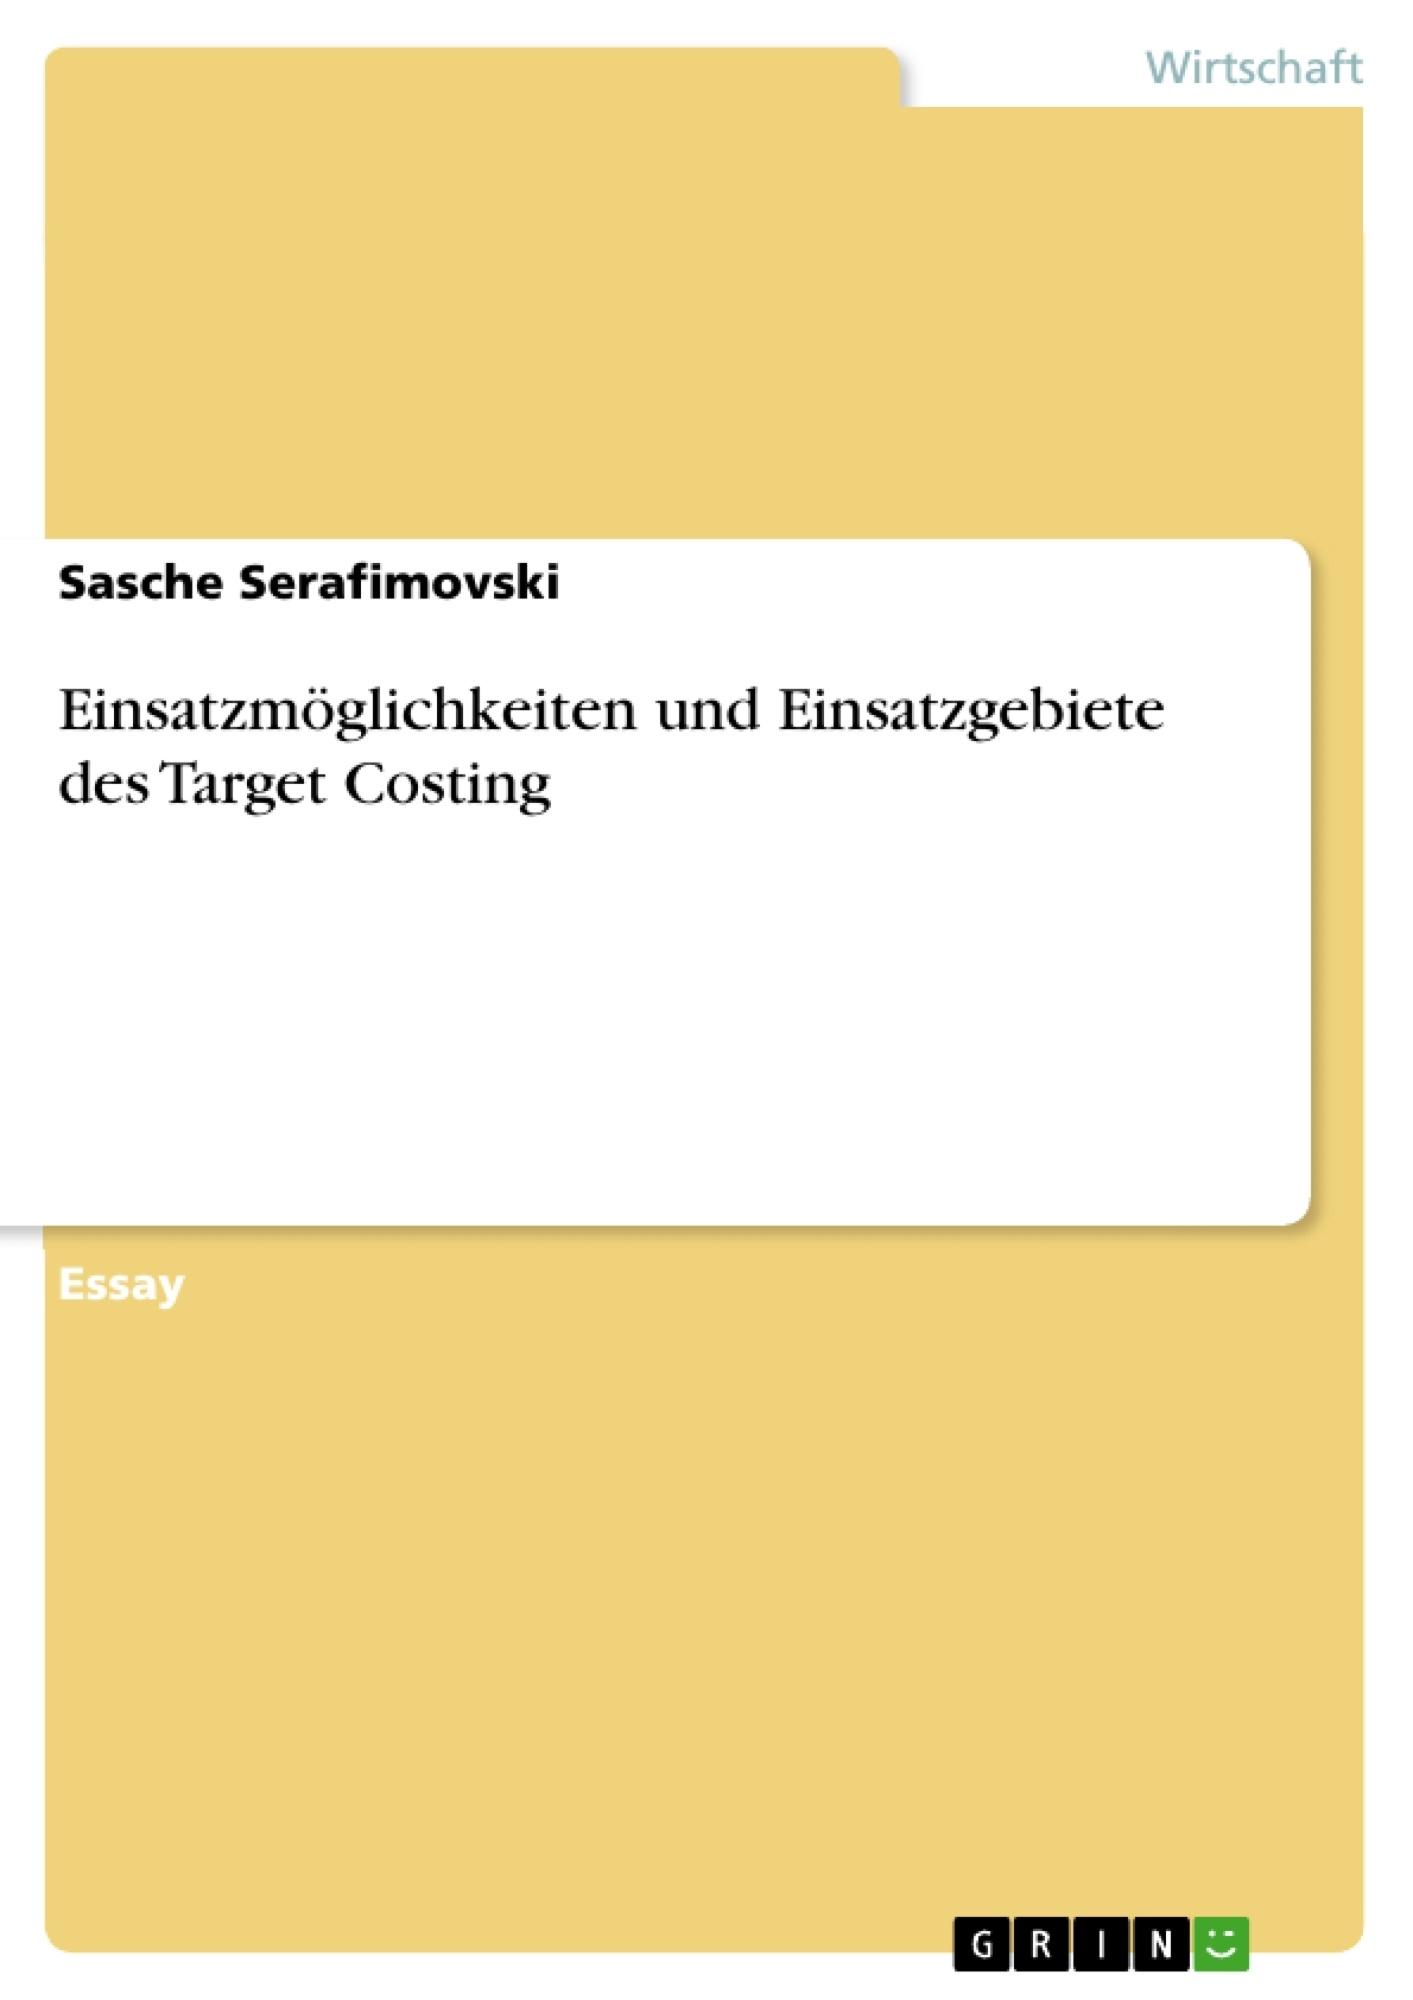 Titel: Einsatzmöglichkeiten und Einsatzgebiete des Target Costing